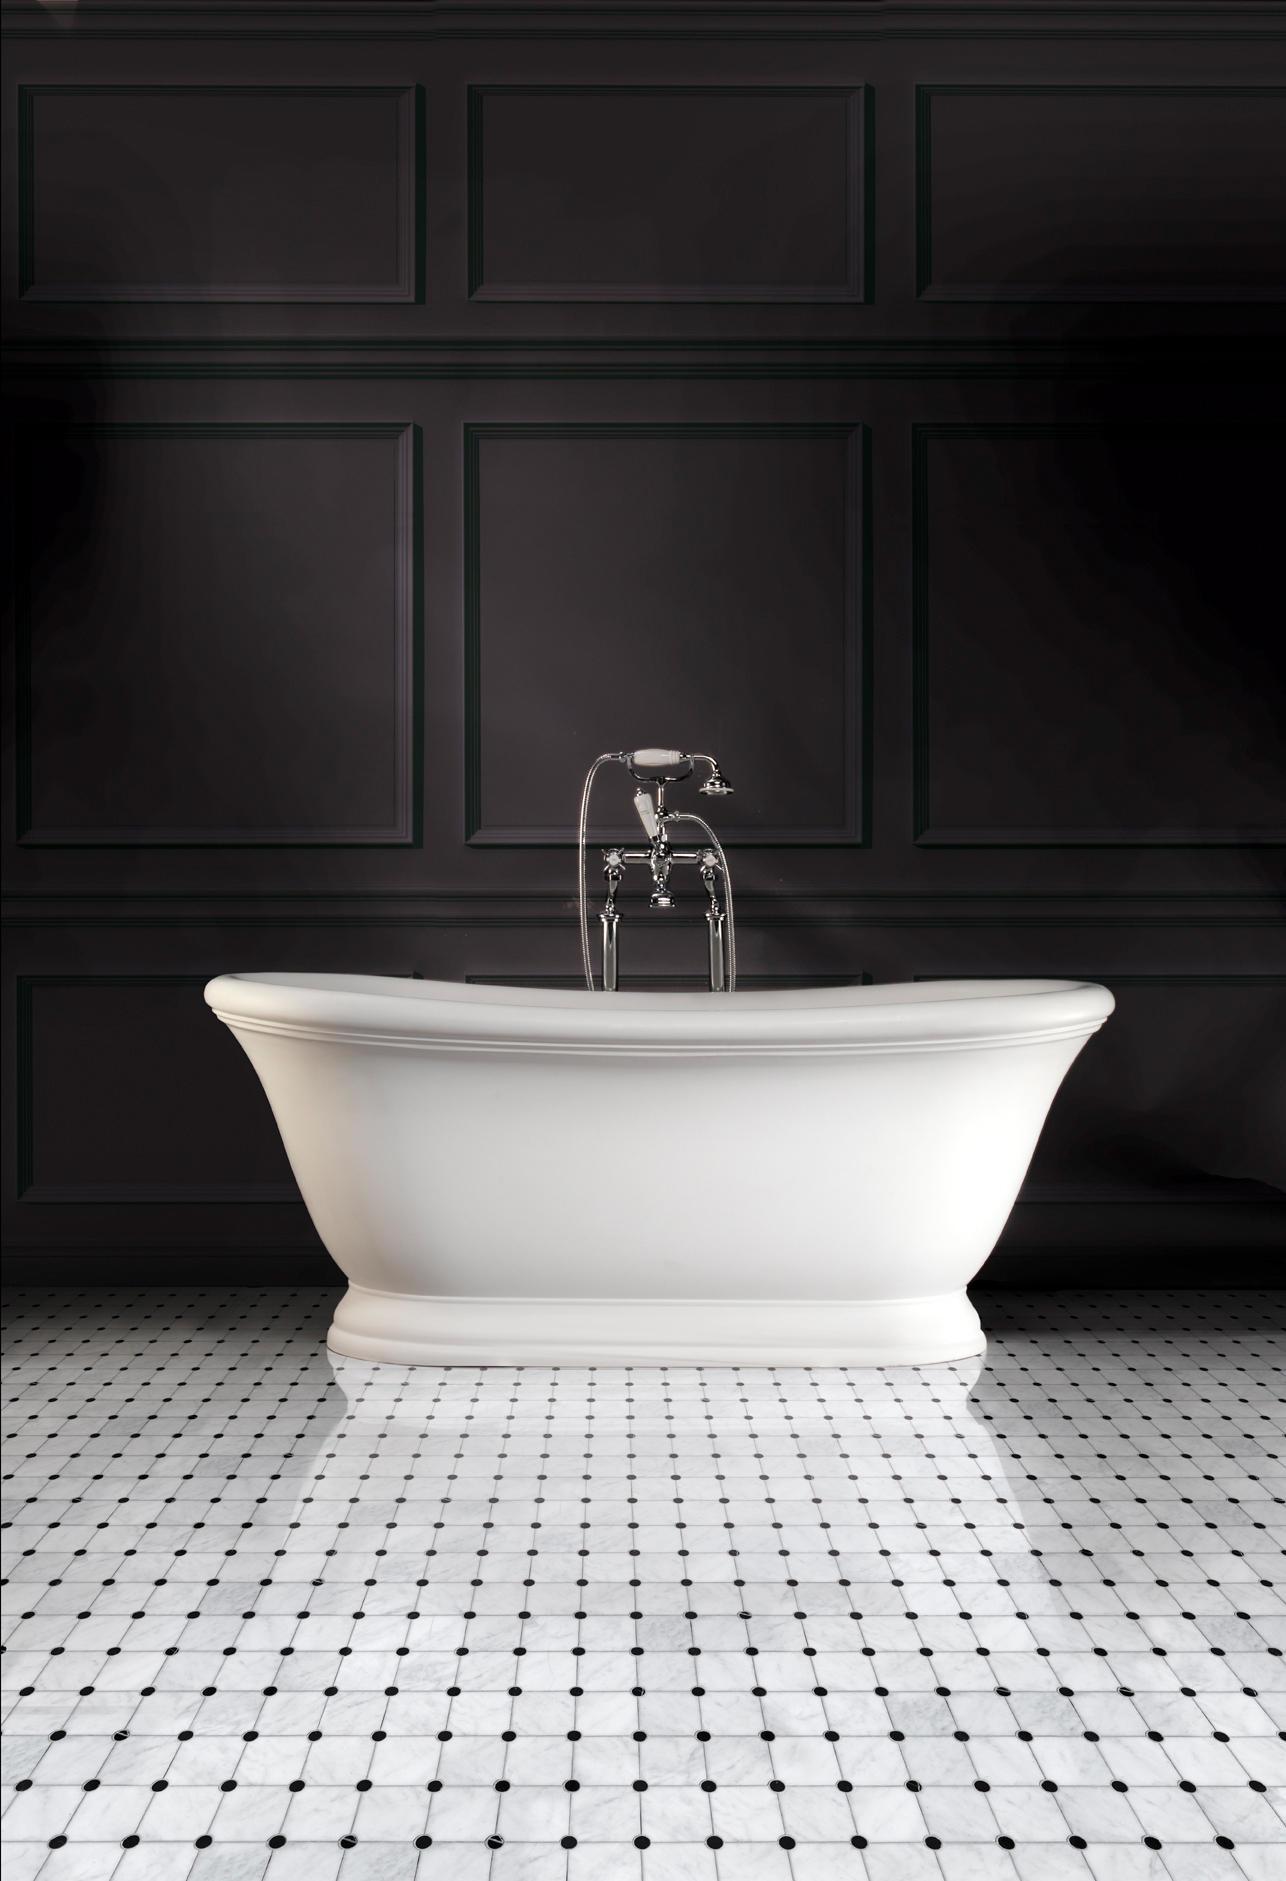 aurora bathtub free standing baths from devon devon. Black Bedroom Furniture Sets. Home Design Ideas